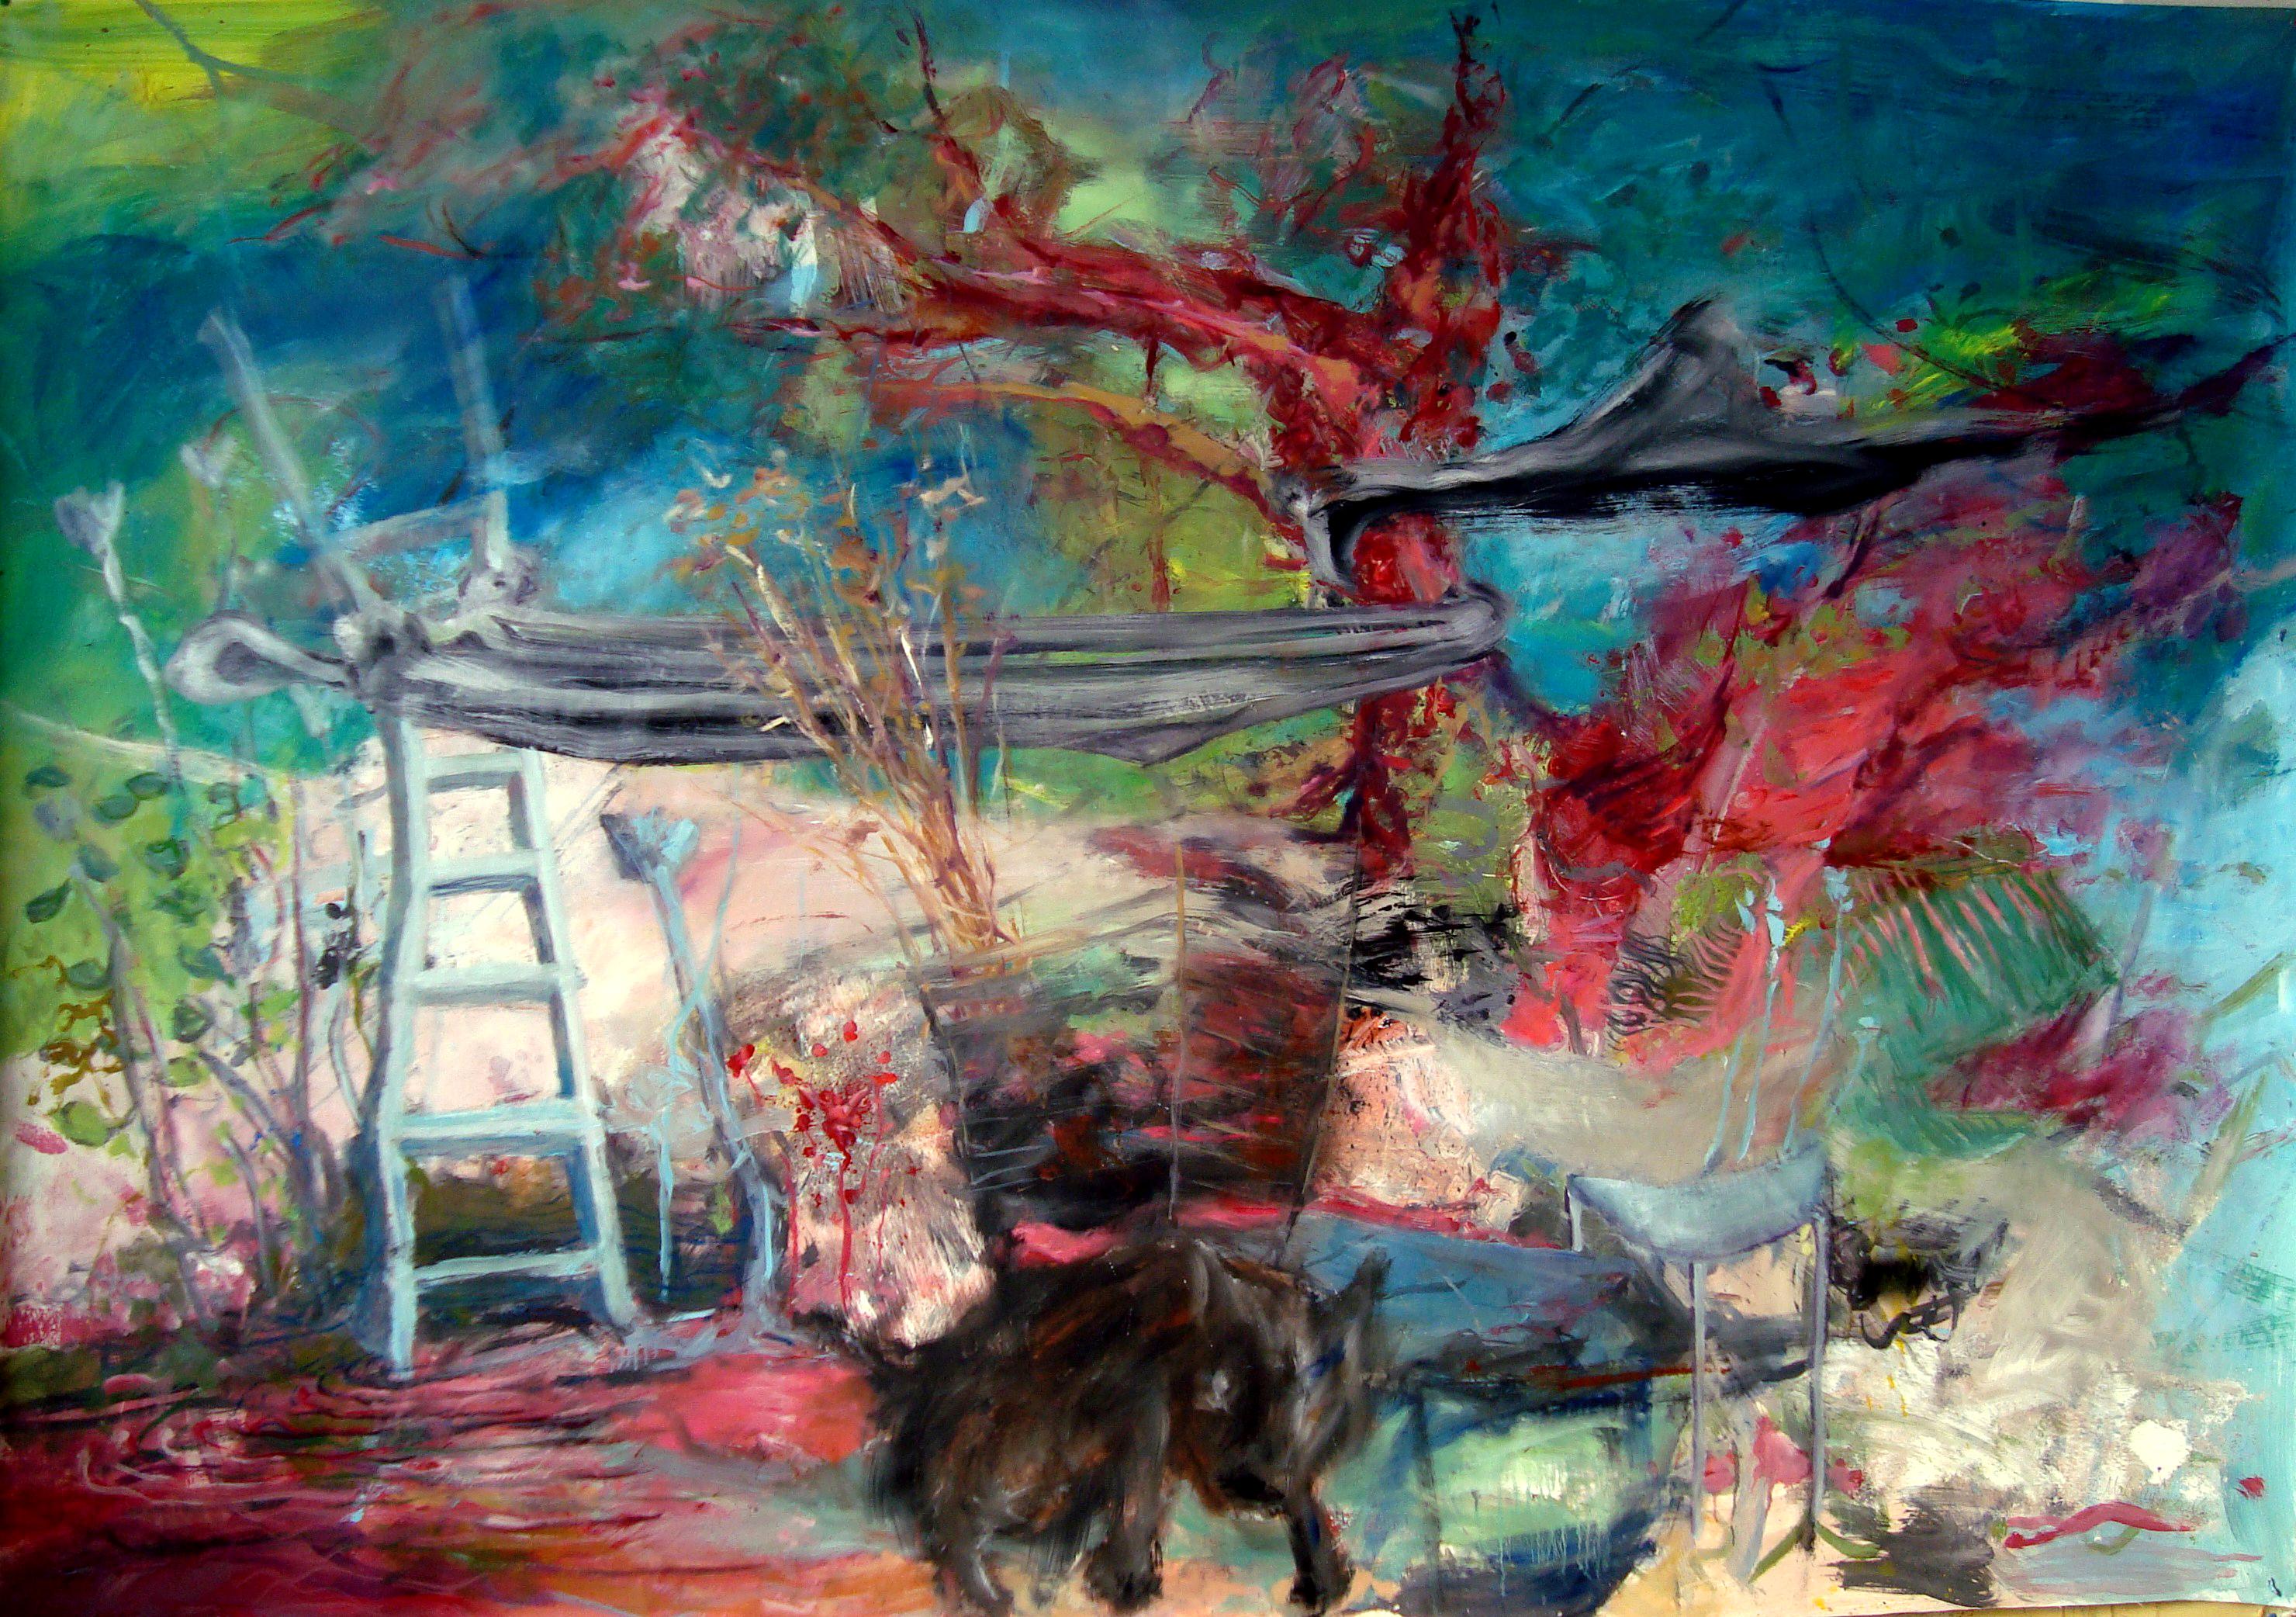 Horizons d'énigme-Oublié n°3, 2016 mixte sur toile libre, 130 x 195 cm